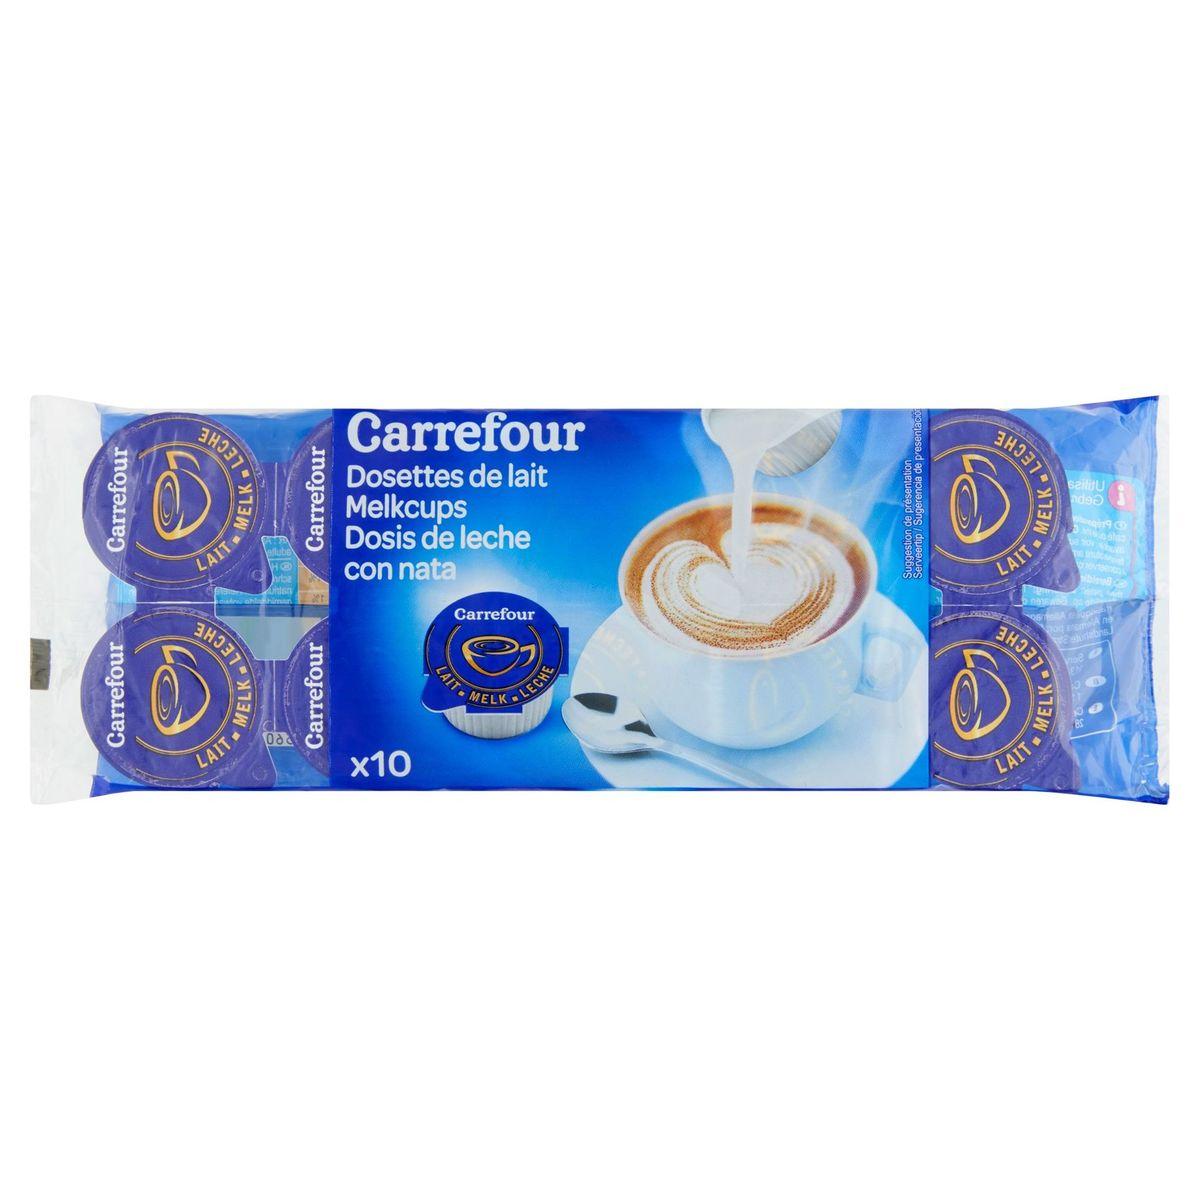 Carrefour Dosettes de Lait 10 x 9.7 ml